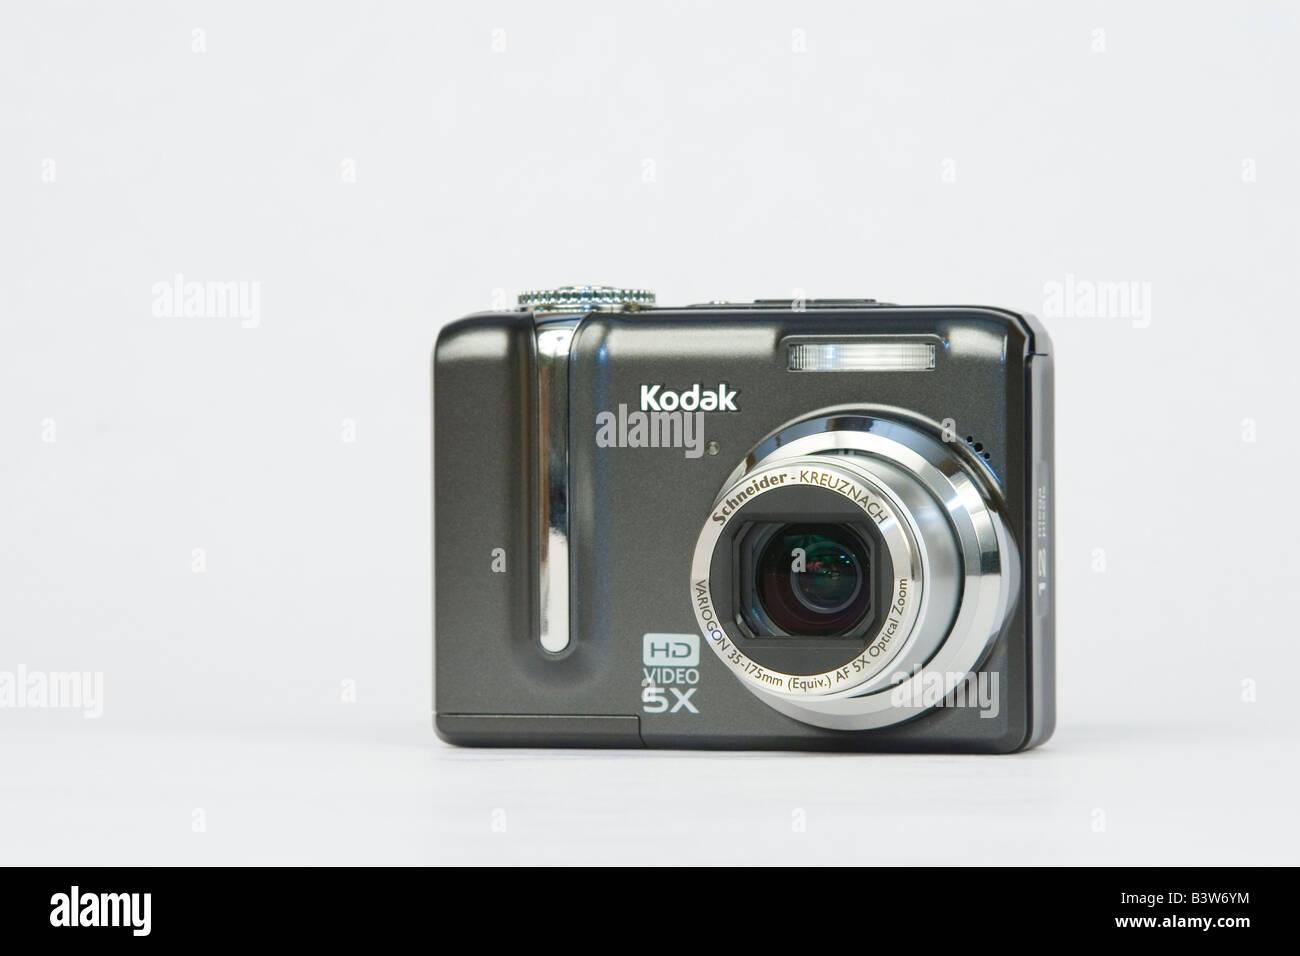 A new Kodak digital camera. - Stock Image